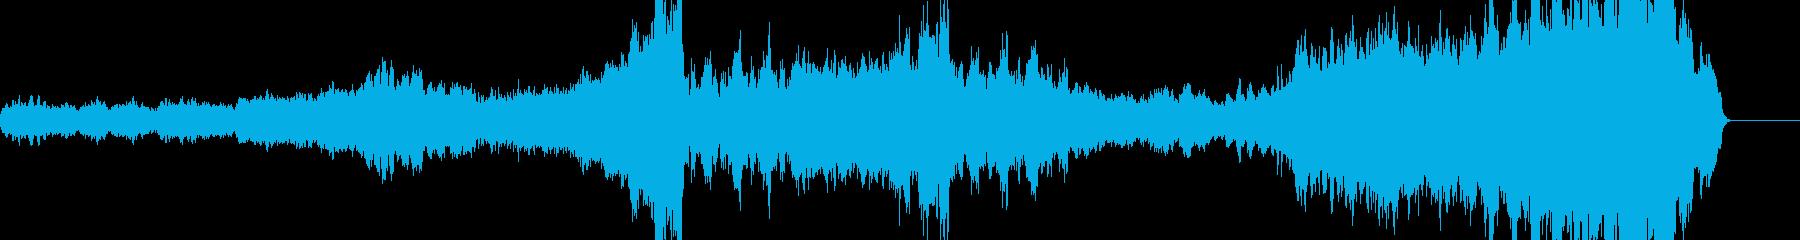 壮大な映画音楽 soundtrackの再生済みの波形